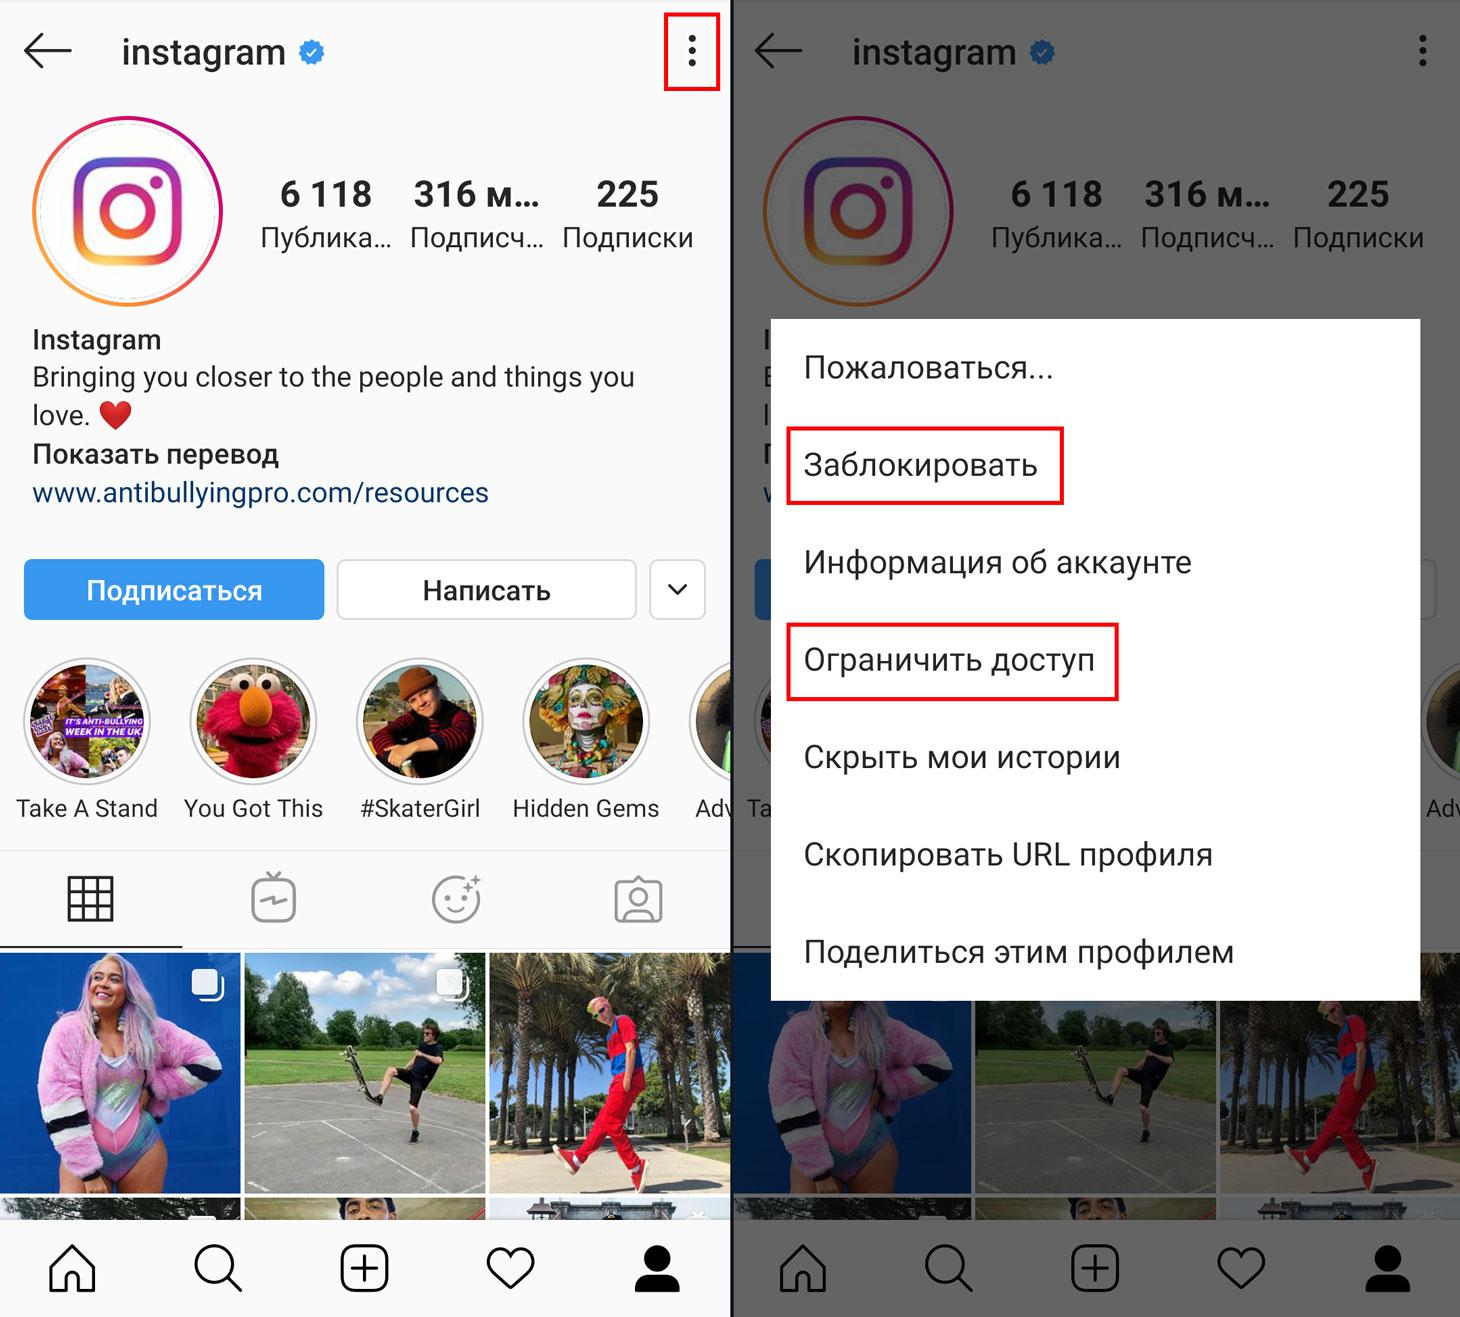 Как заблокировать пользователя или огранить ему доступ в ваш Instagram